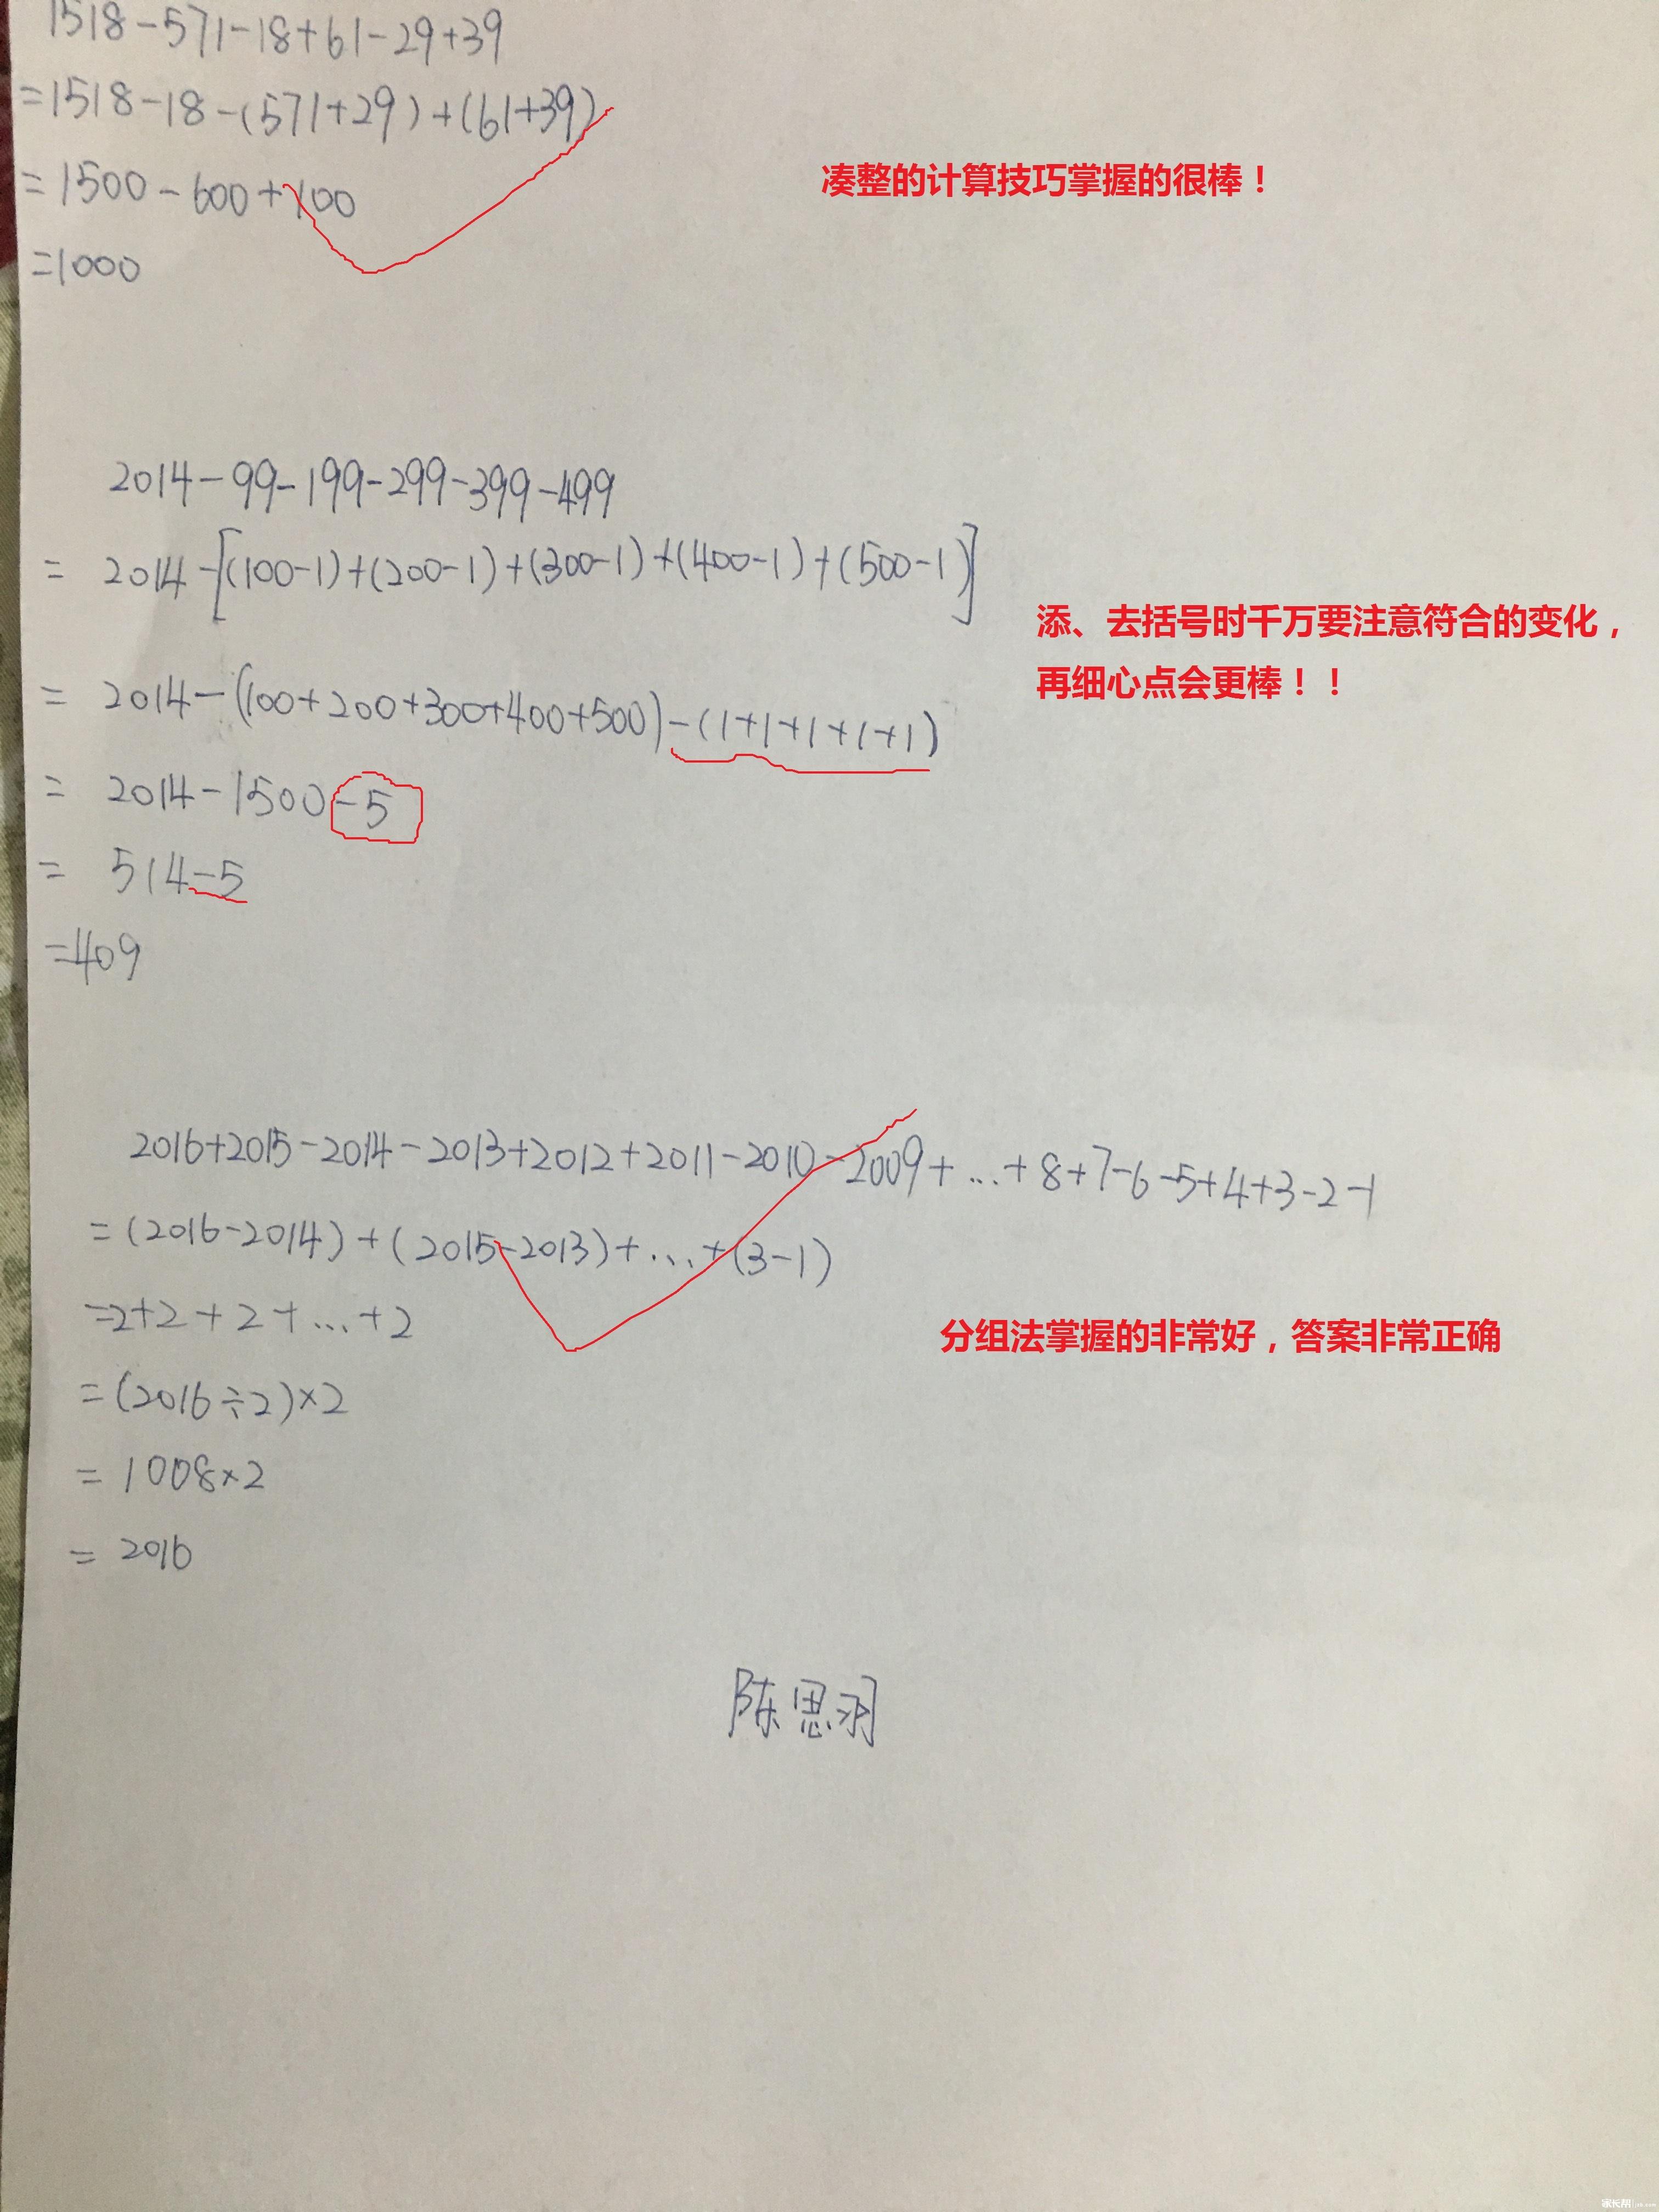 chenyufeifei 巧算加减法.jpg